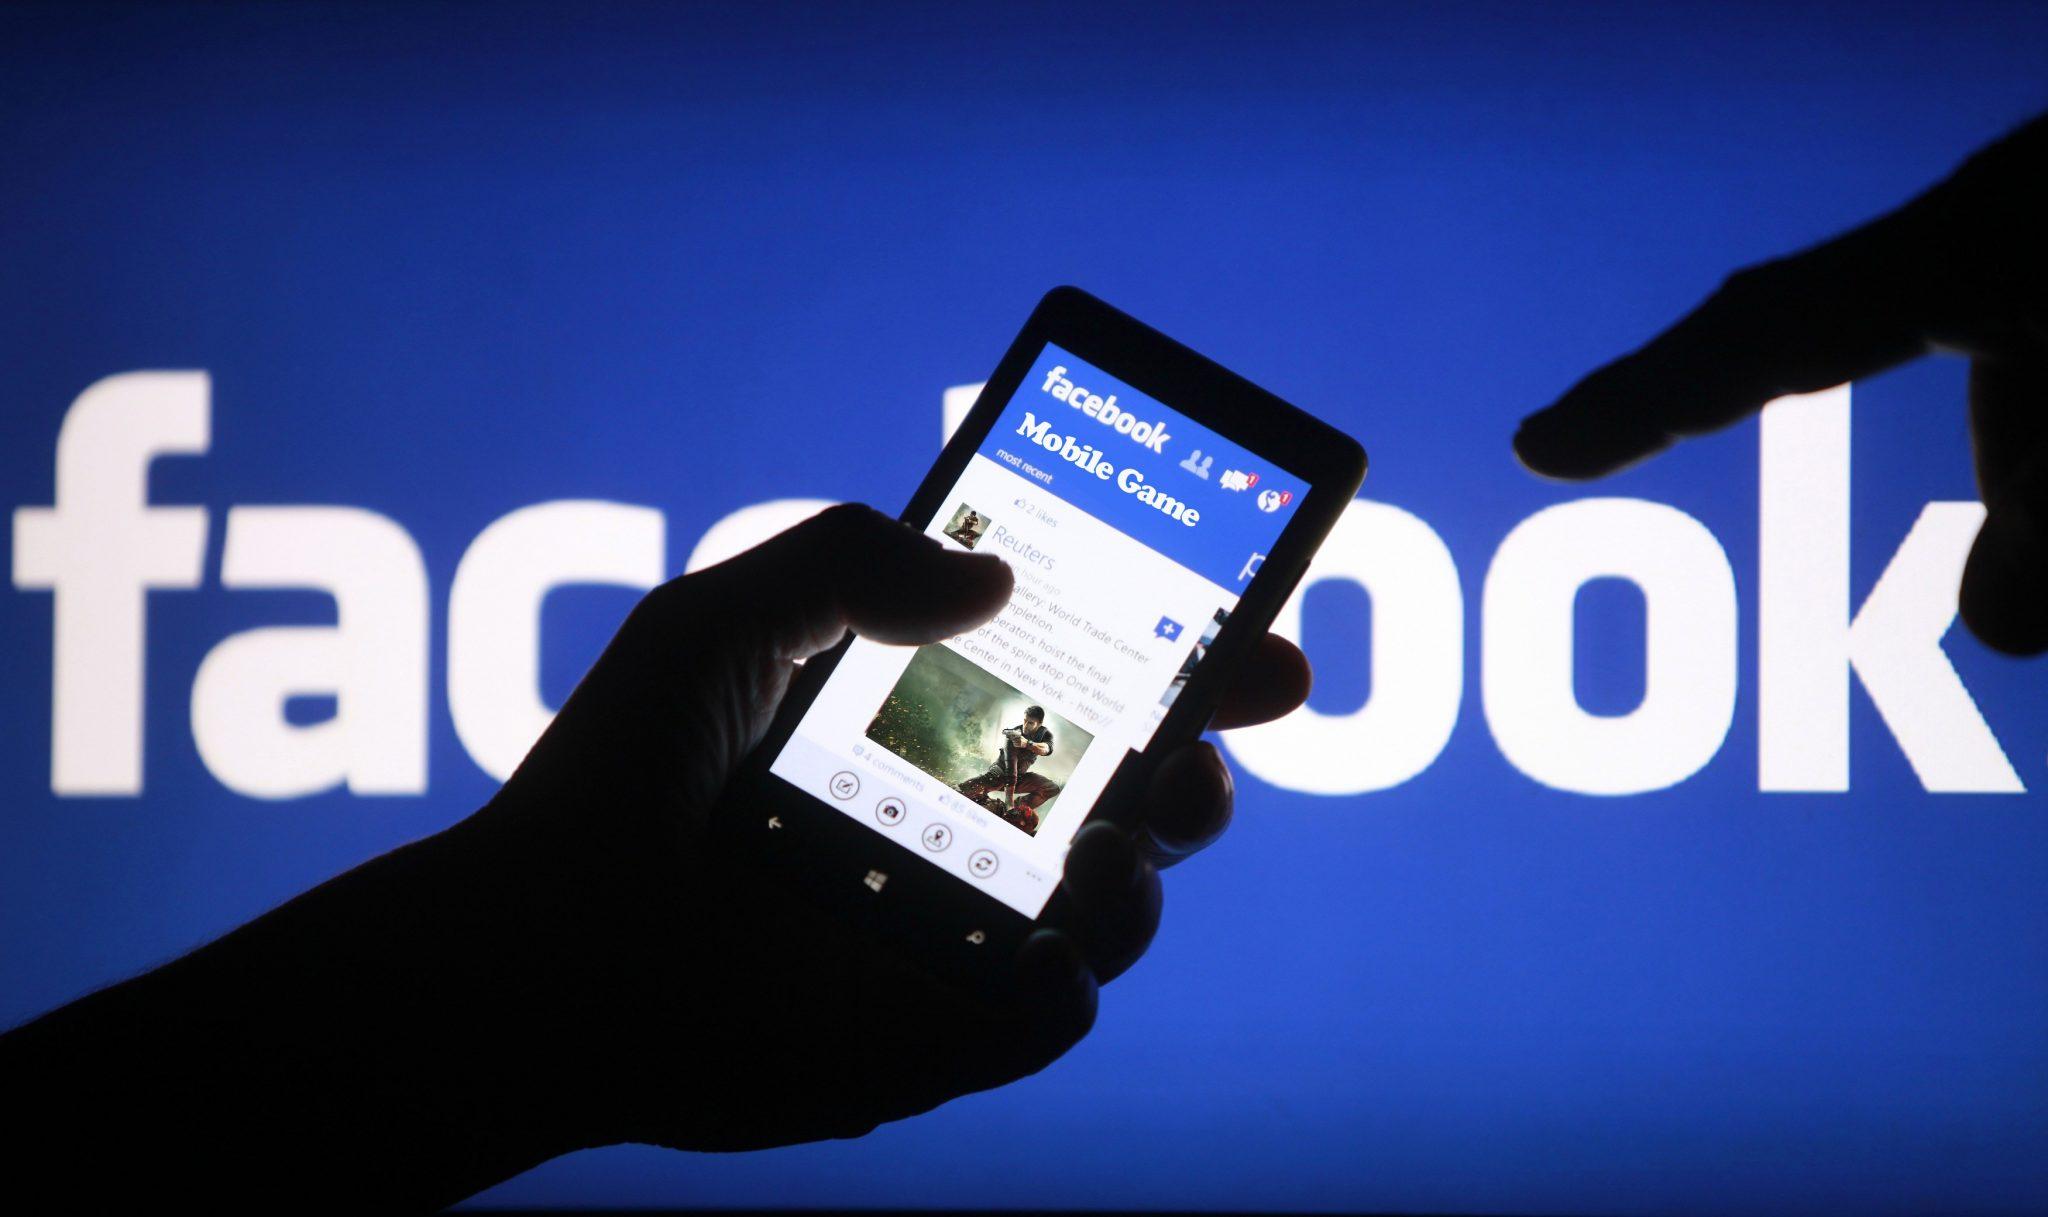 实战Facebook外贸营销(一)— 最正确的Facebook注册账户和账户管理方法